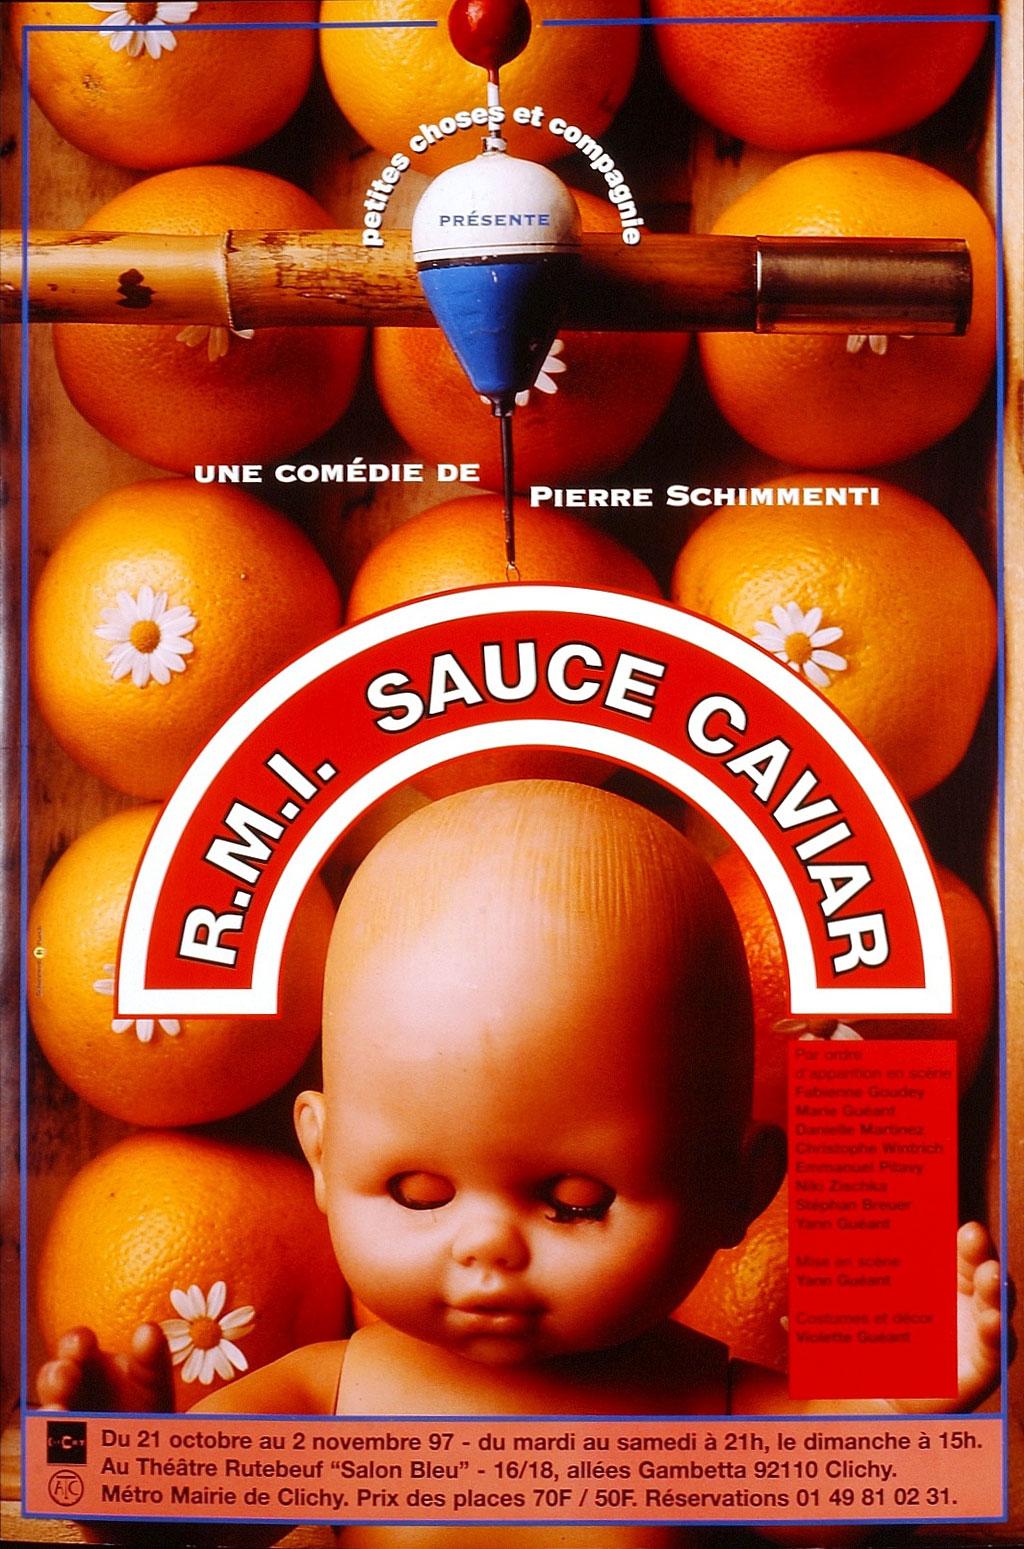 R.M.I. sauce caviar